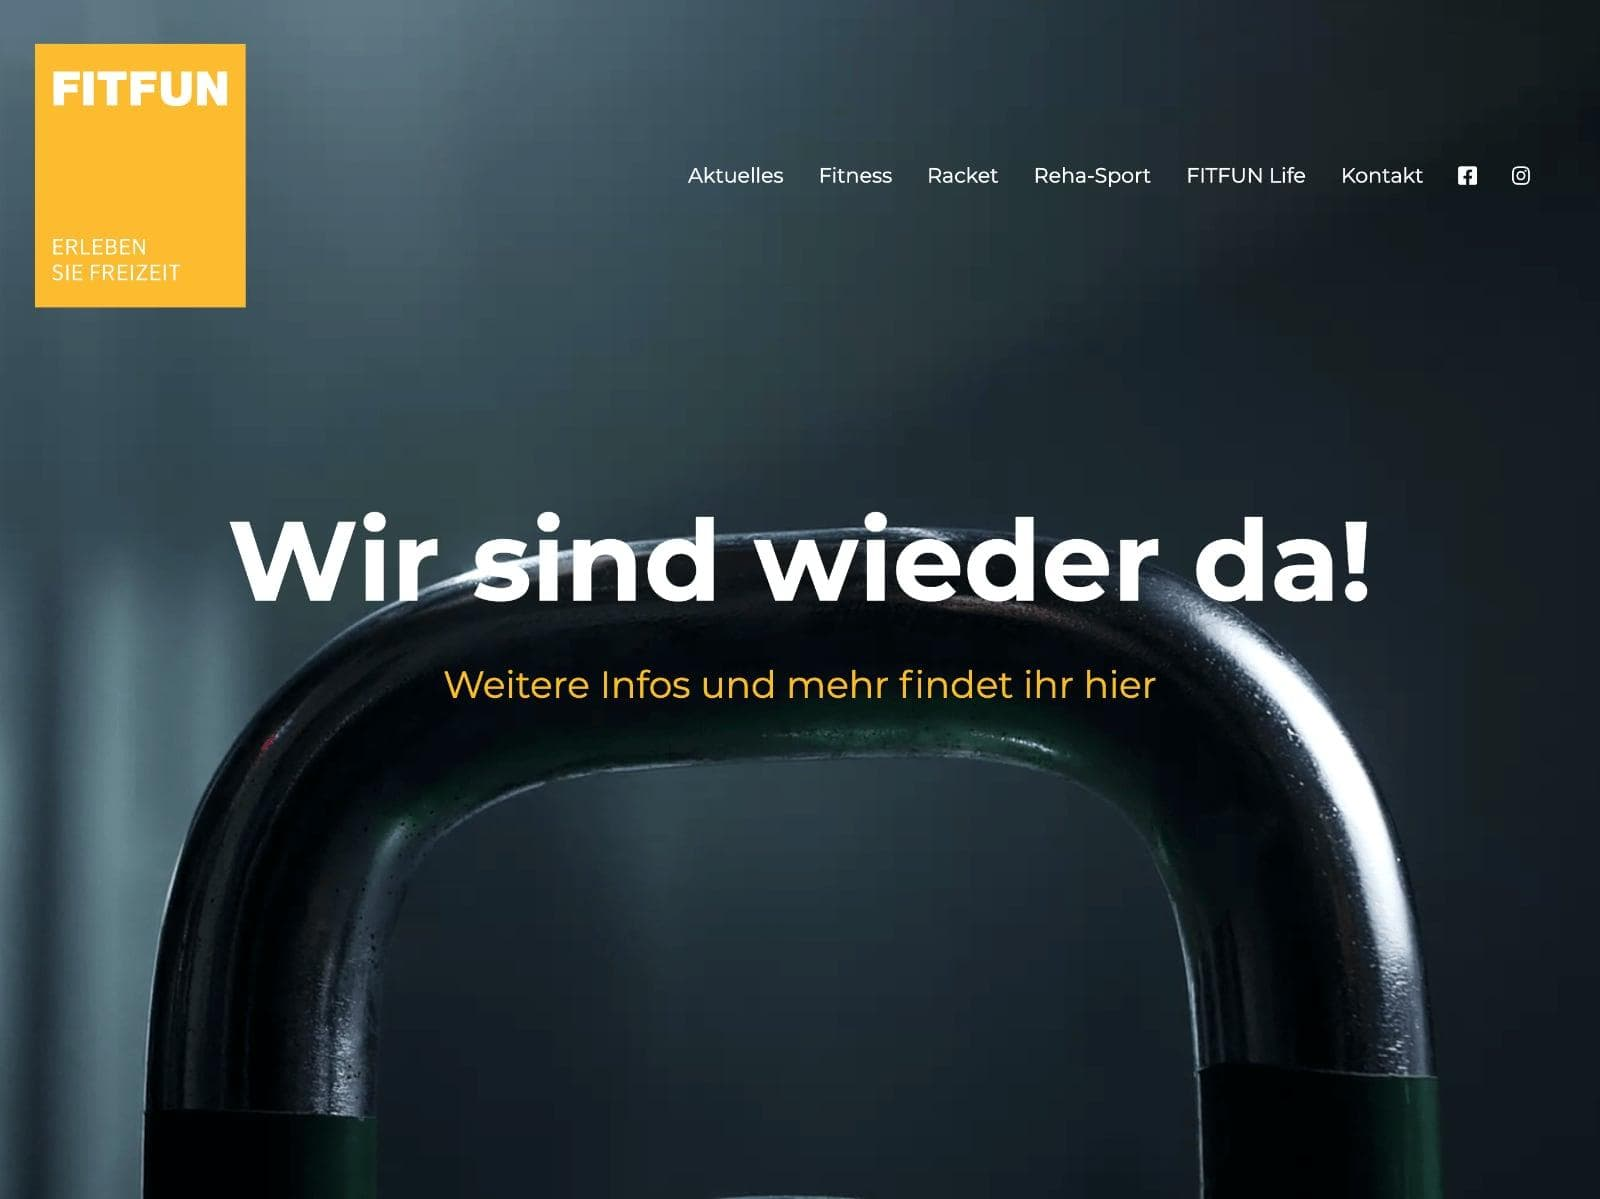 FITFUN Limburg: maximale Performance im Gym und im Netz